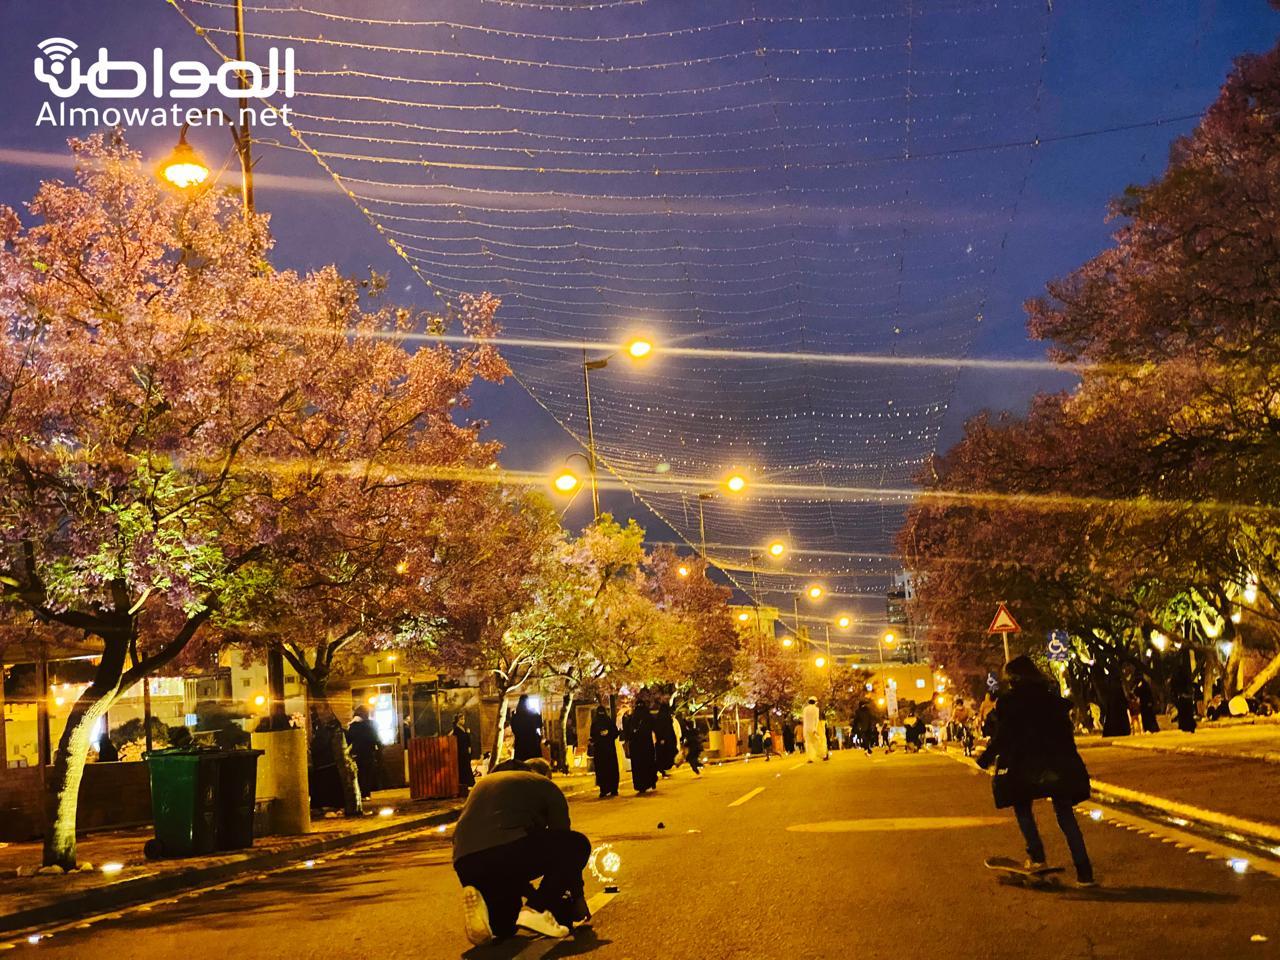 شارع الفن في أبها يجذب الأهالي بالجمال البنفسجي - المواطن